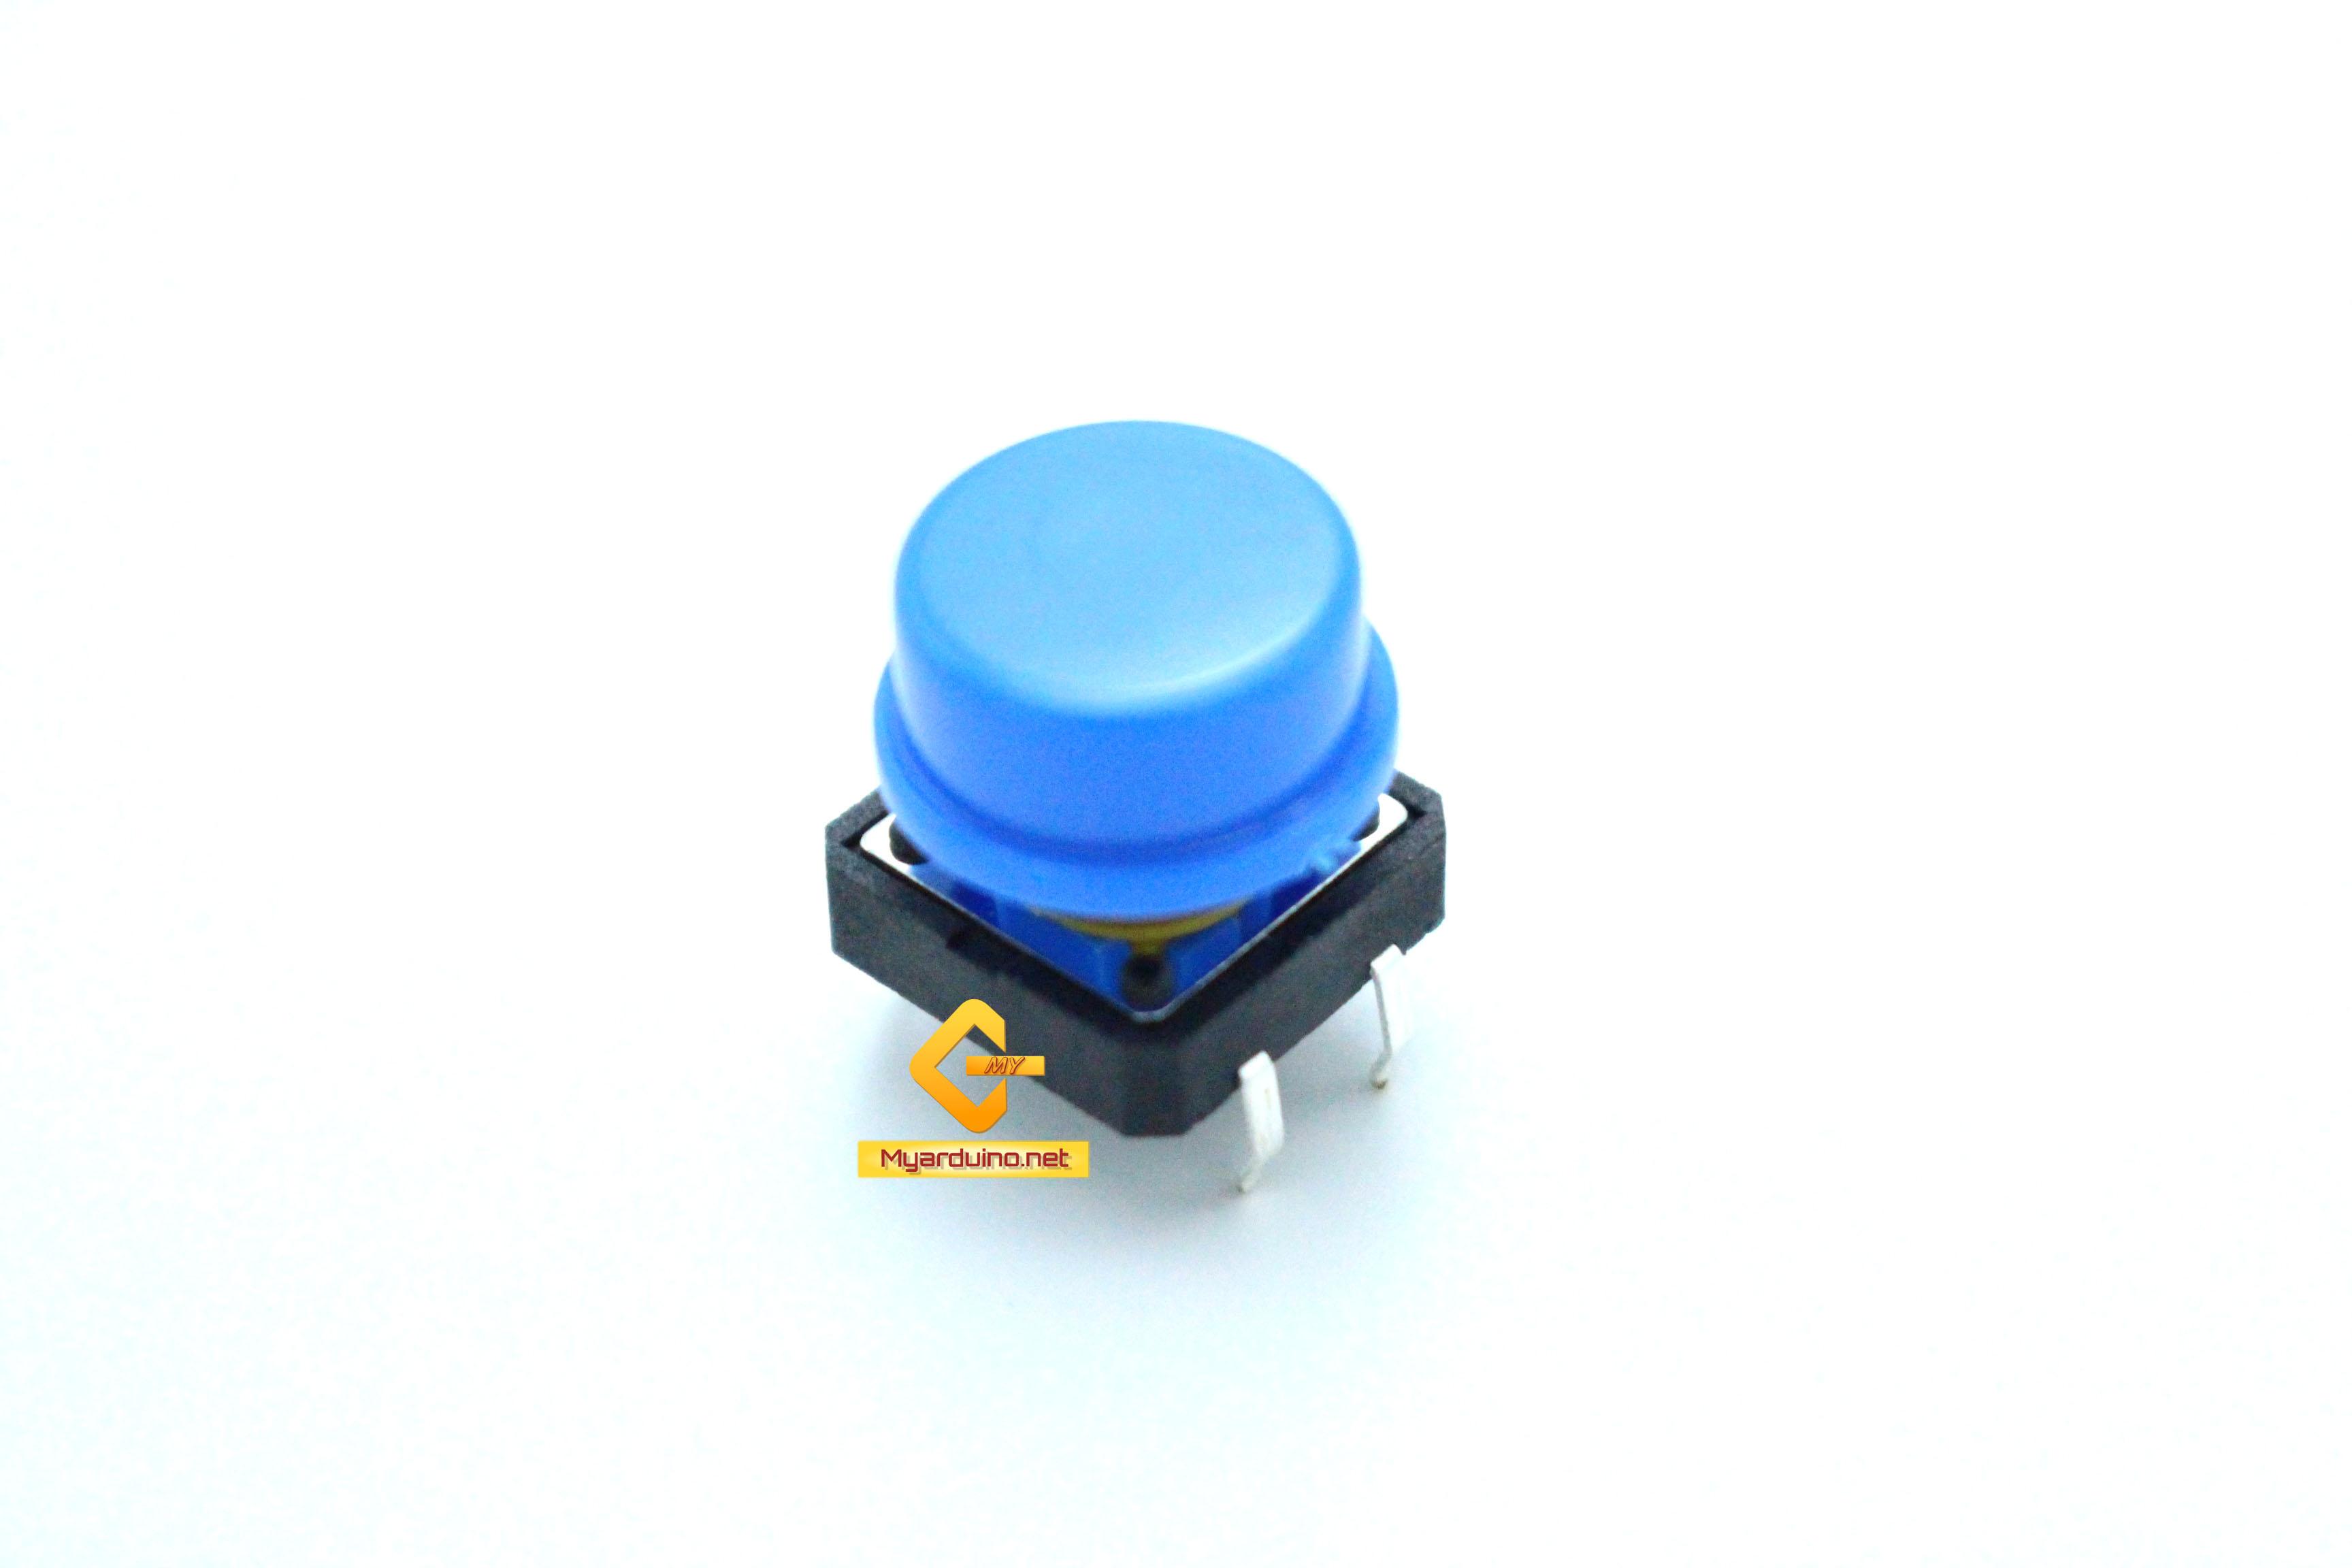 สวิตช์ ปุ่มกดติดปล่อยดับ B3F ขนาด 12 * 12 * 7.3 mm หัวสีน้ำเงิน